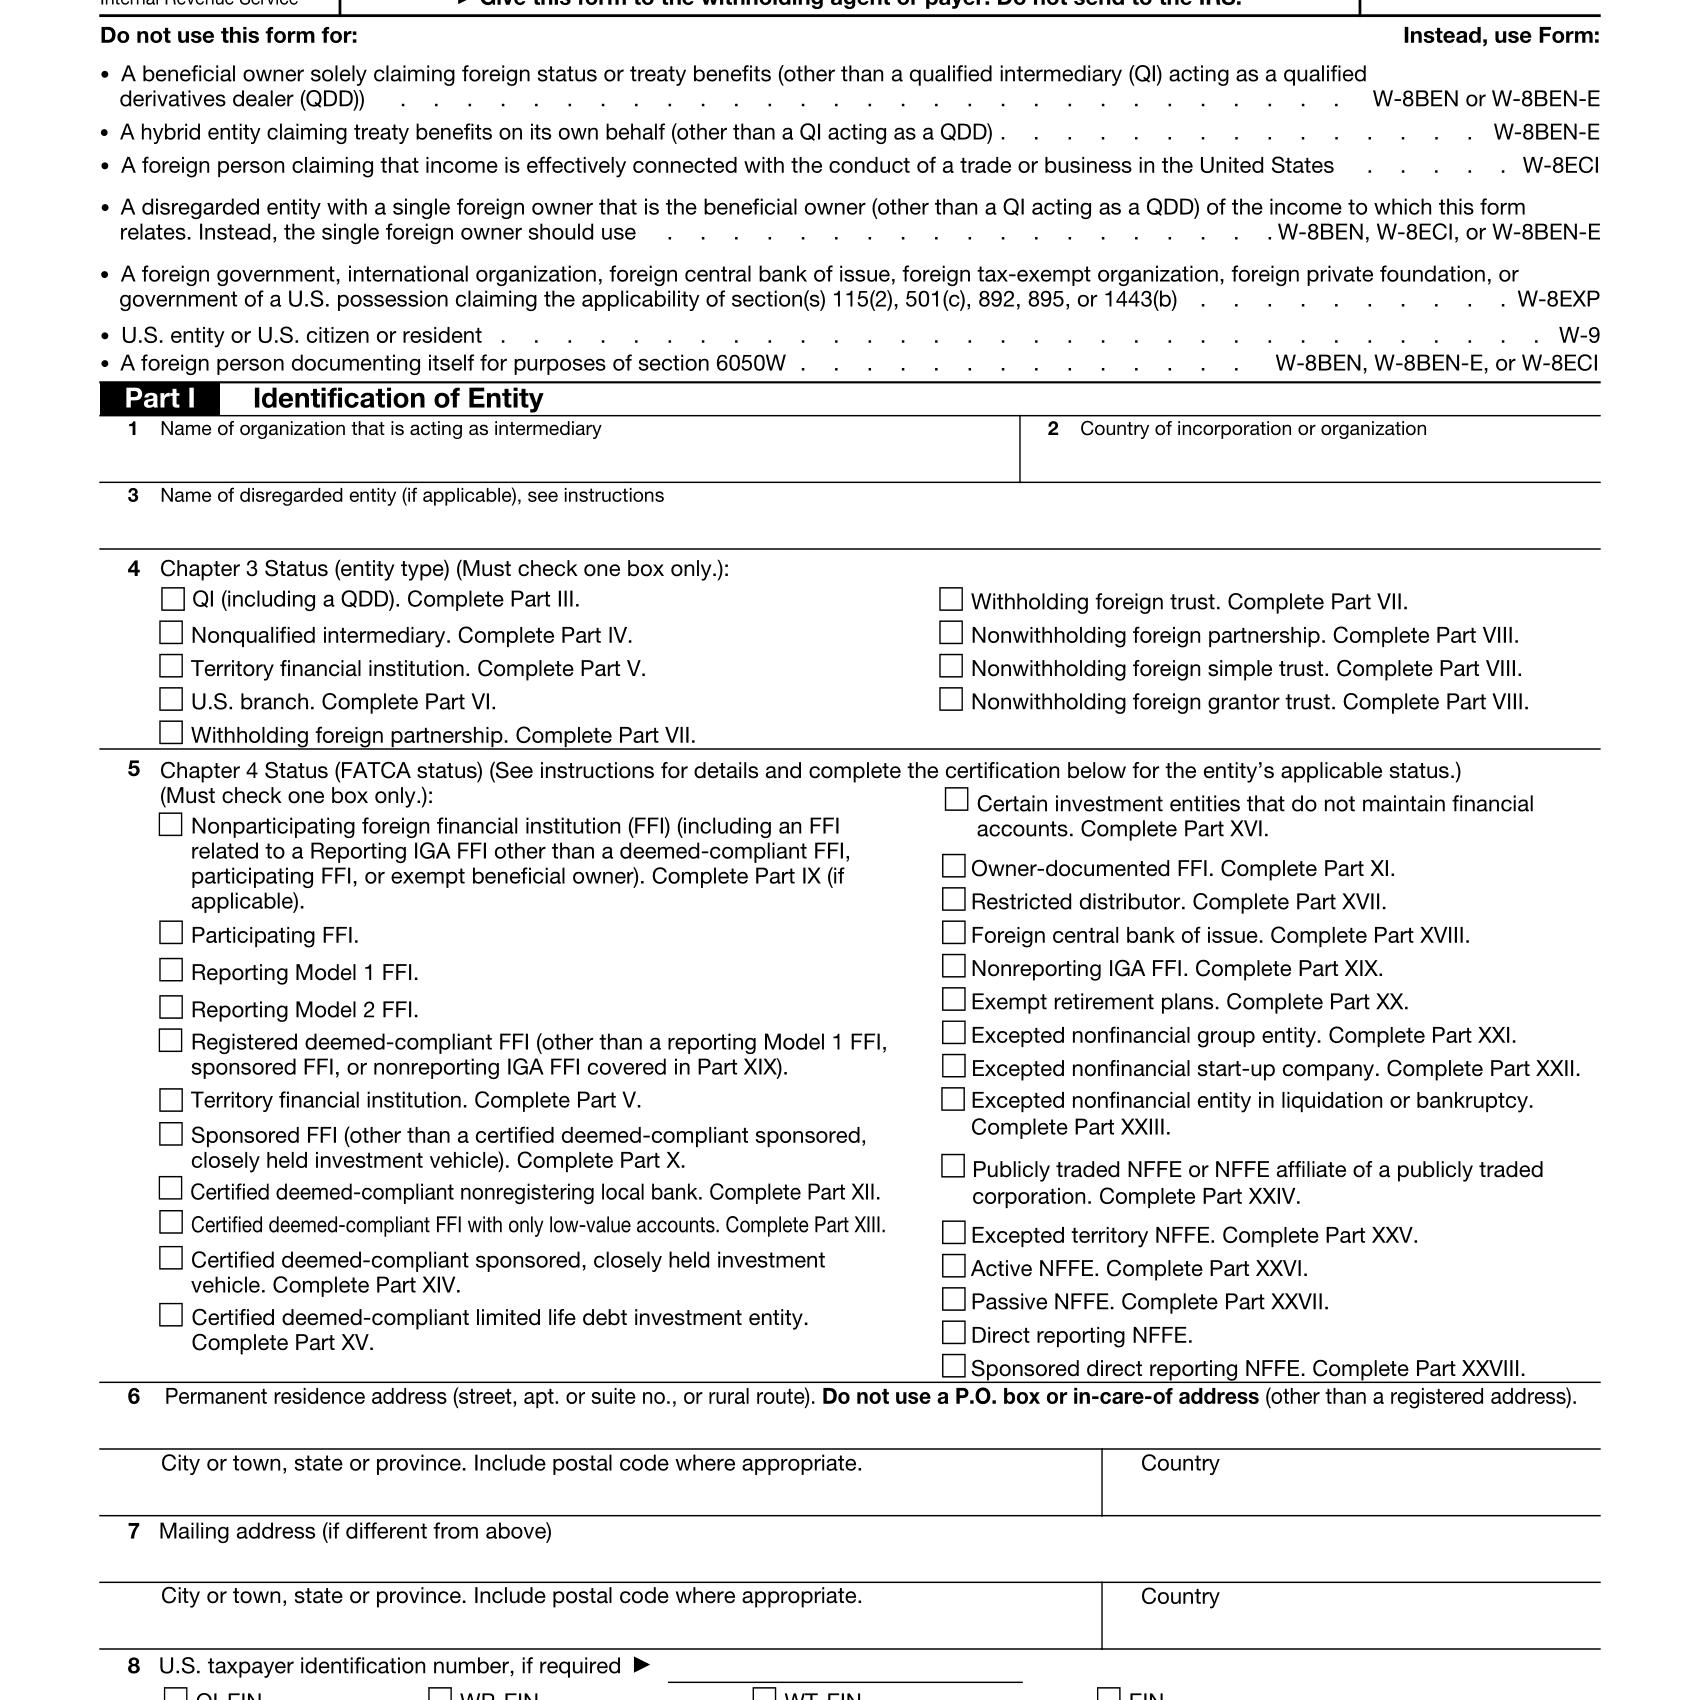 Form W-8IMY